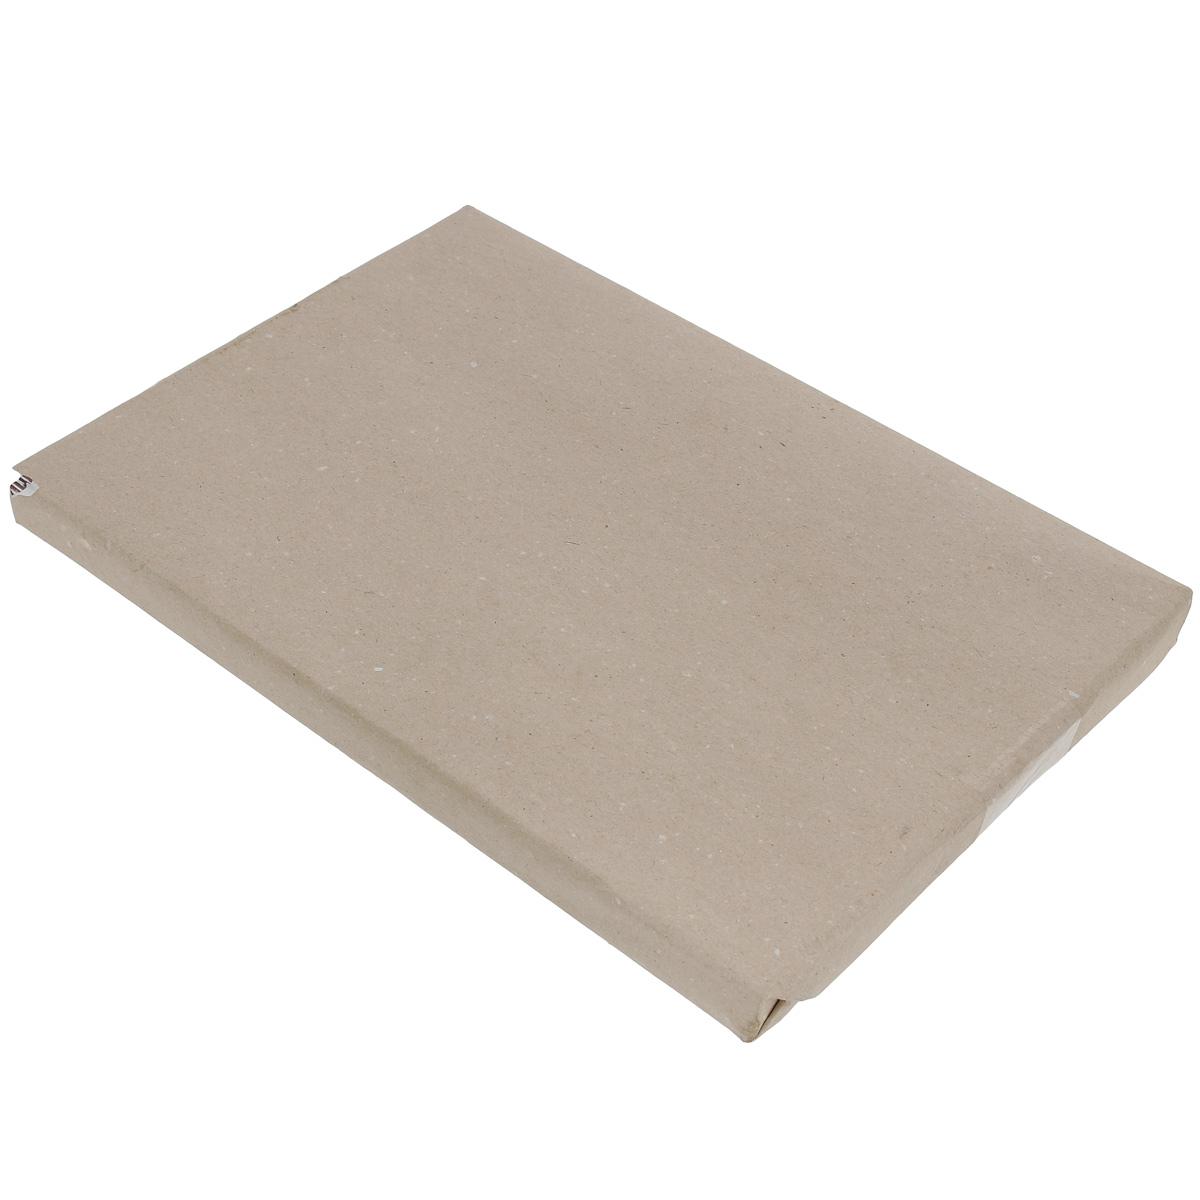 Бумага для черчения Гознак, 100 листов, формат А4. БЧ-055272523WDБумага для черчения Гознак идеально подходит для любых чертежно-графических работ. Высококачественная бумага пригодна как для работы тушью, так и карандашами, допускает пользование ластиком. Поверхность бумаги после многократных подчисток ластиком не скатывается под карандашом и сохраняет свою белизну. В комплекте 100 листов формата А4.